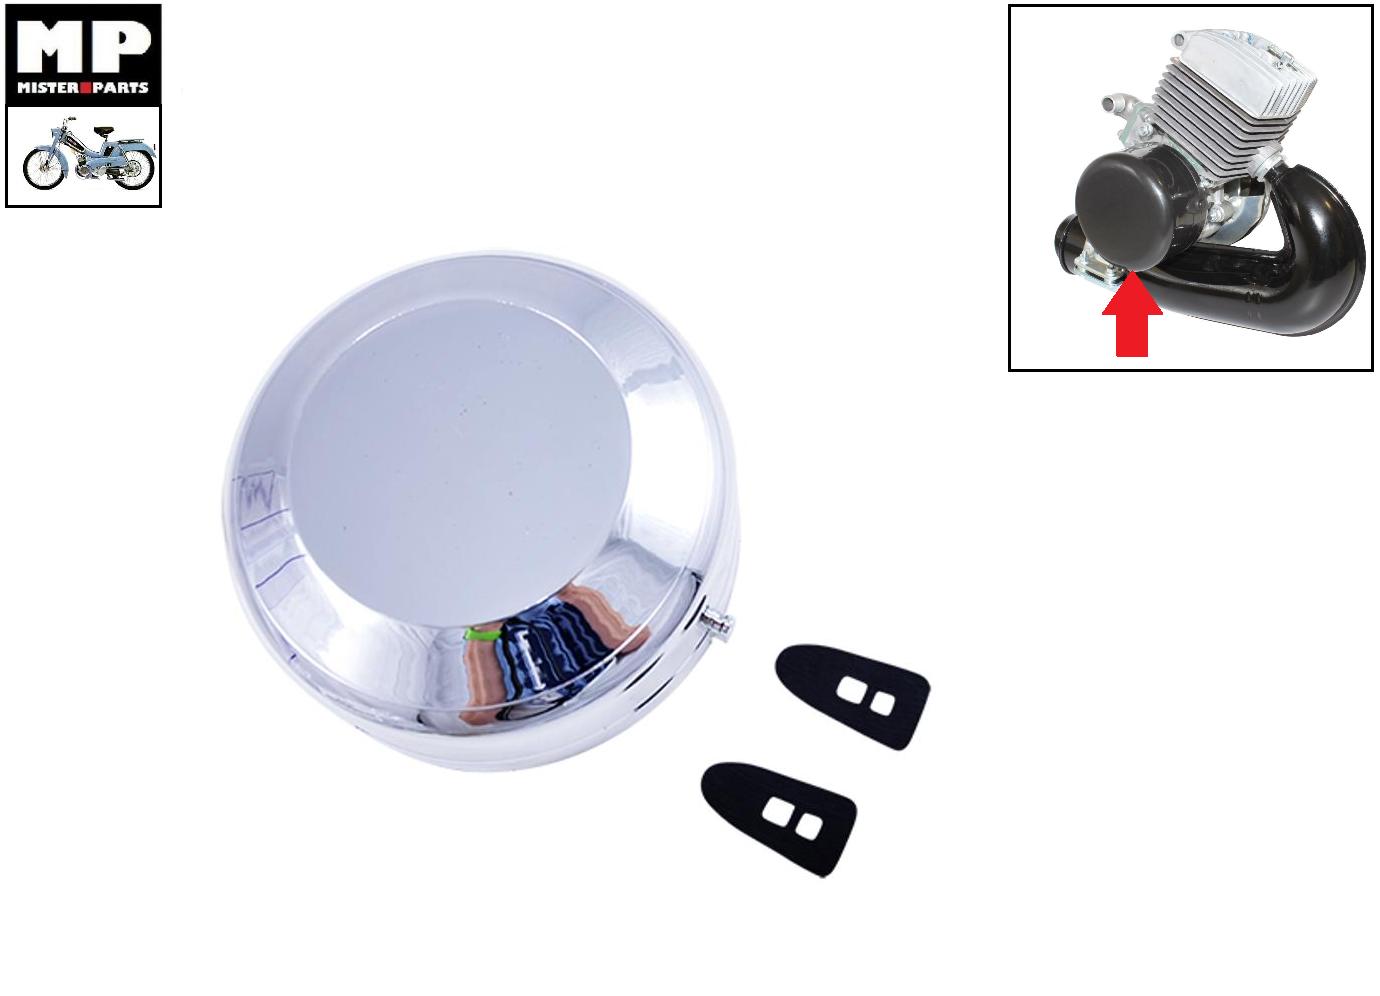 Cache volant magnétique d'allumage mobylette motobecane 51v + 2 attaches